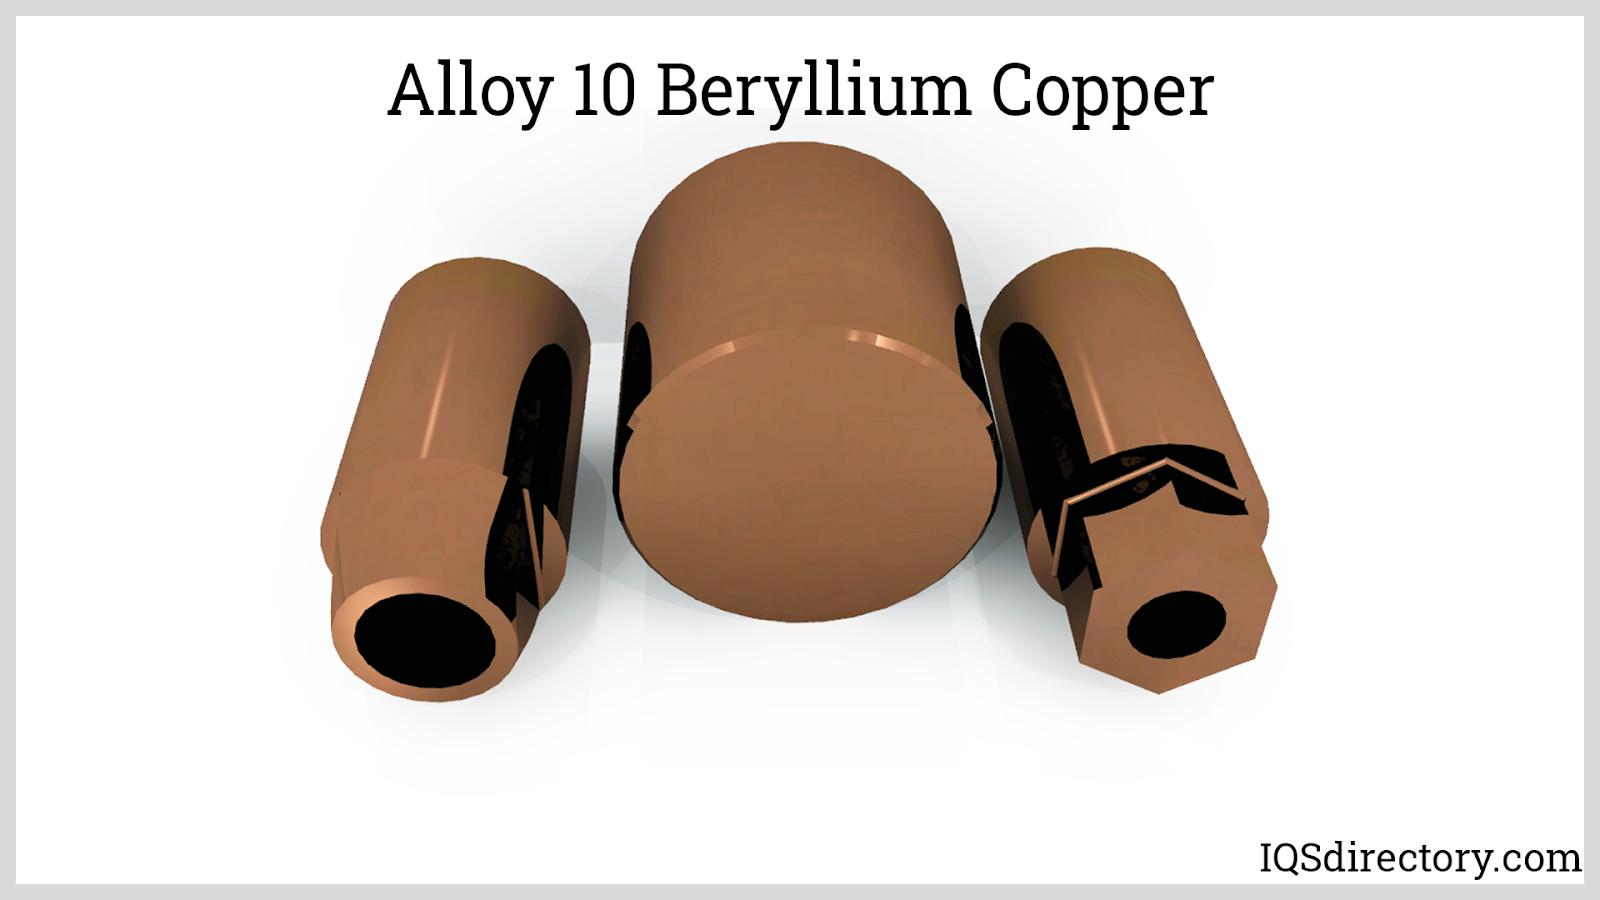 Alloy 10 Beryllium Copper